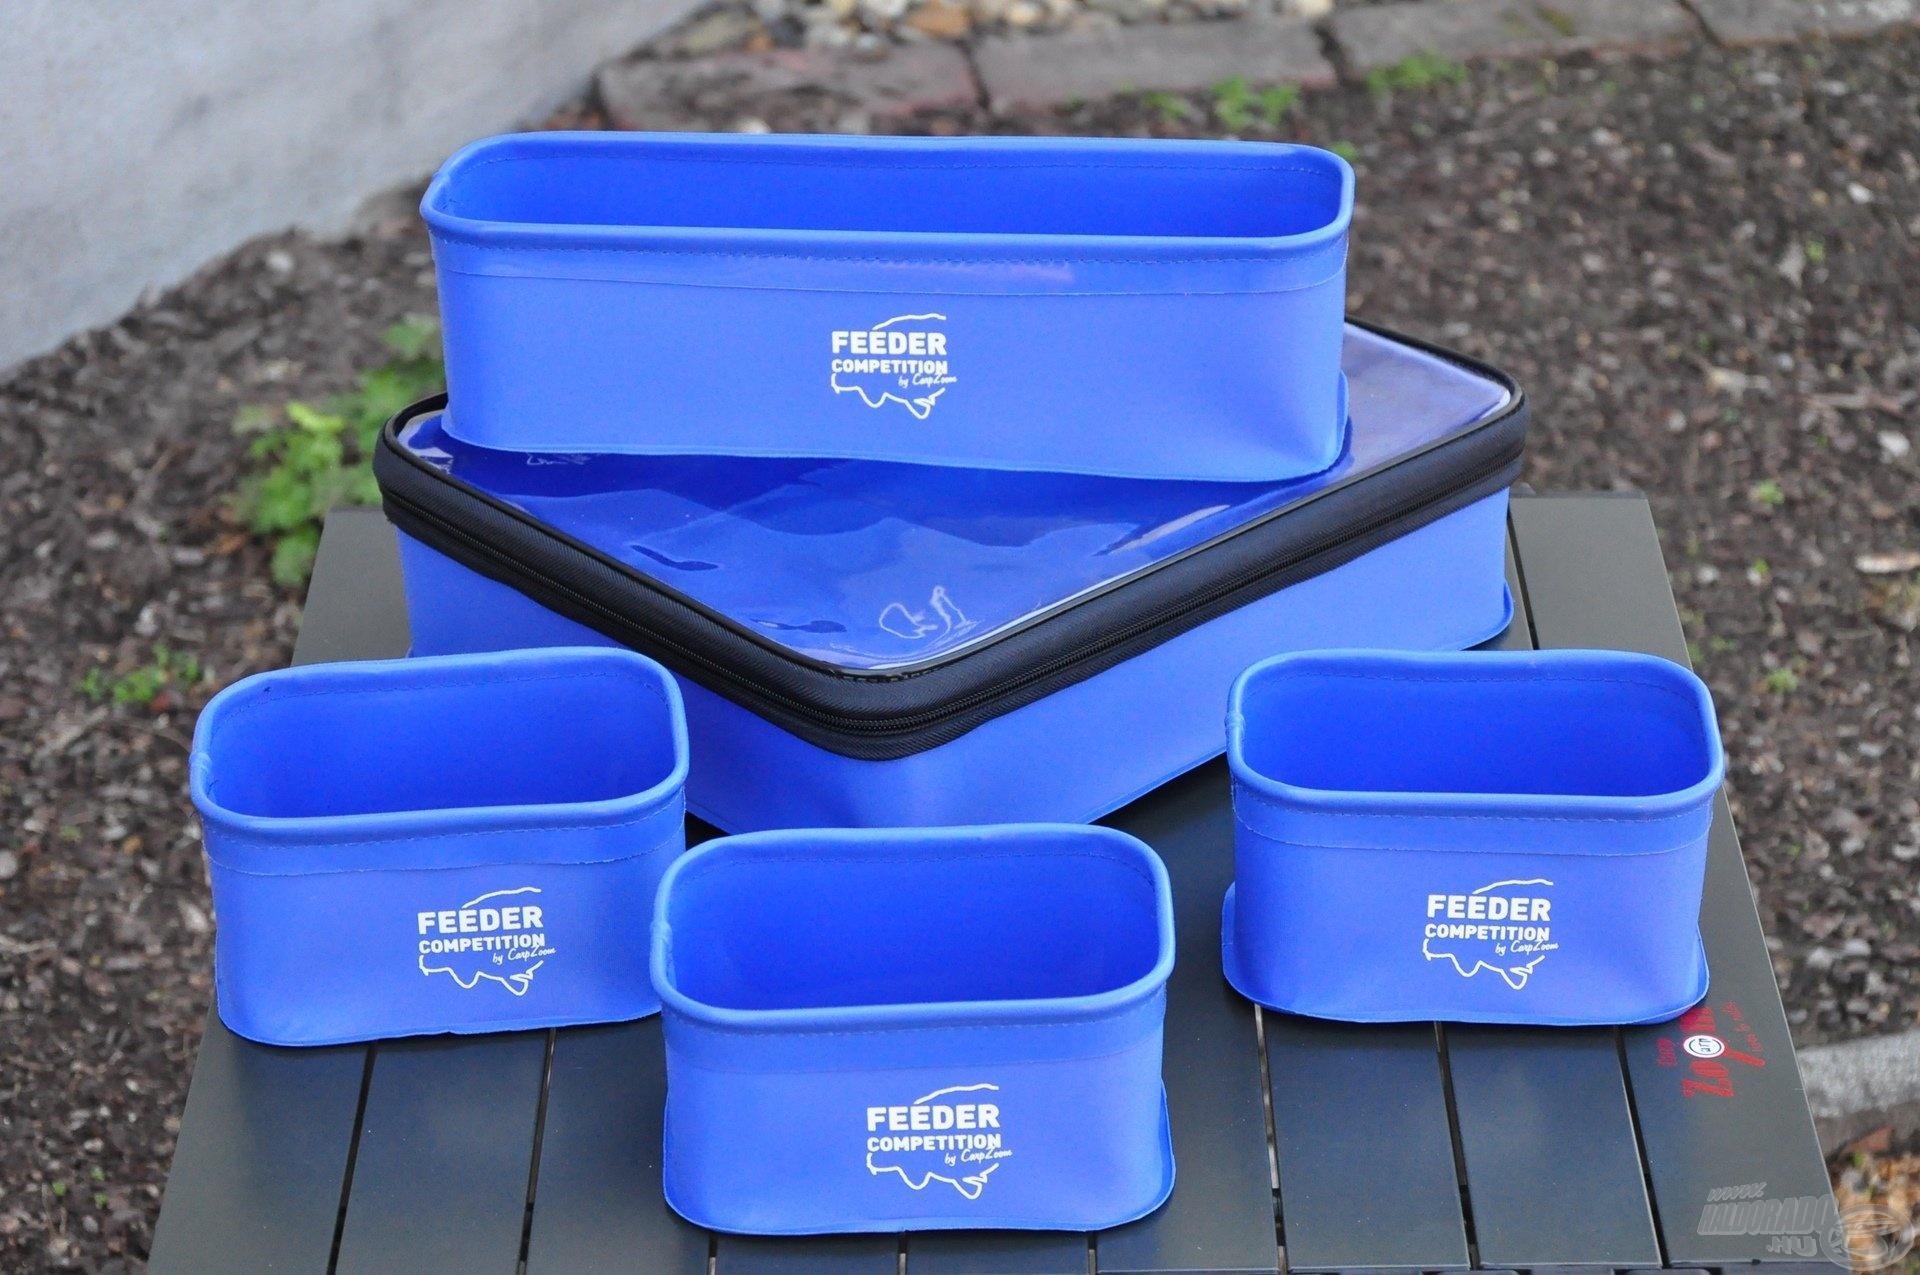 Nemcsak praktikus, de kis helyigényű és könnyen tisztítható tároló szett